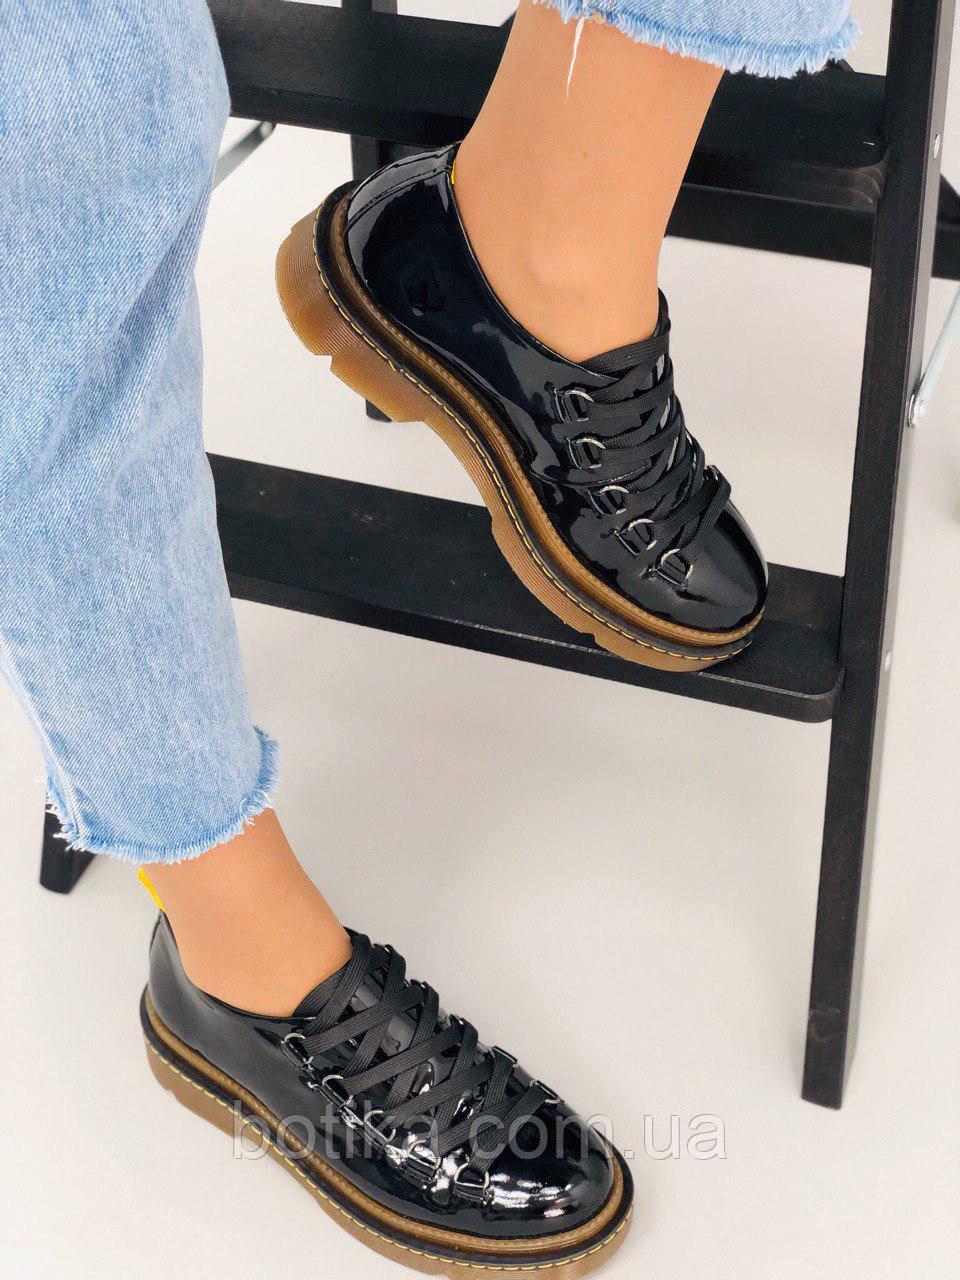 Тренд сезона! Черные лаковые женские туфли на толстой подошве